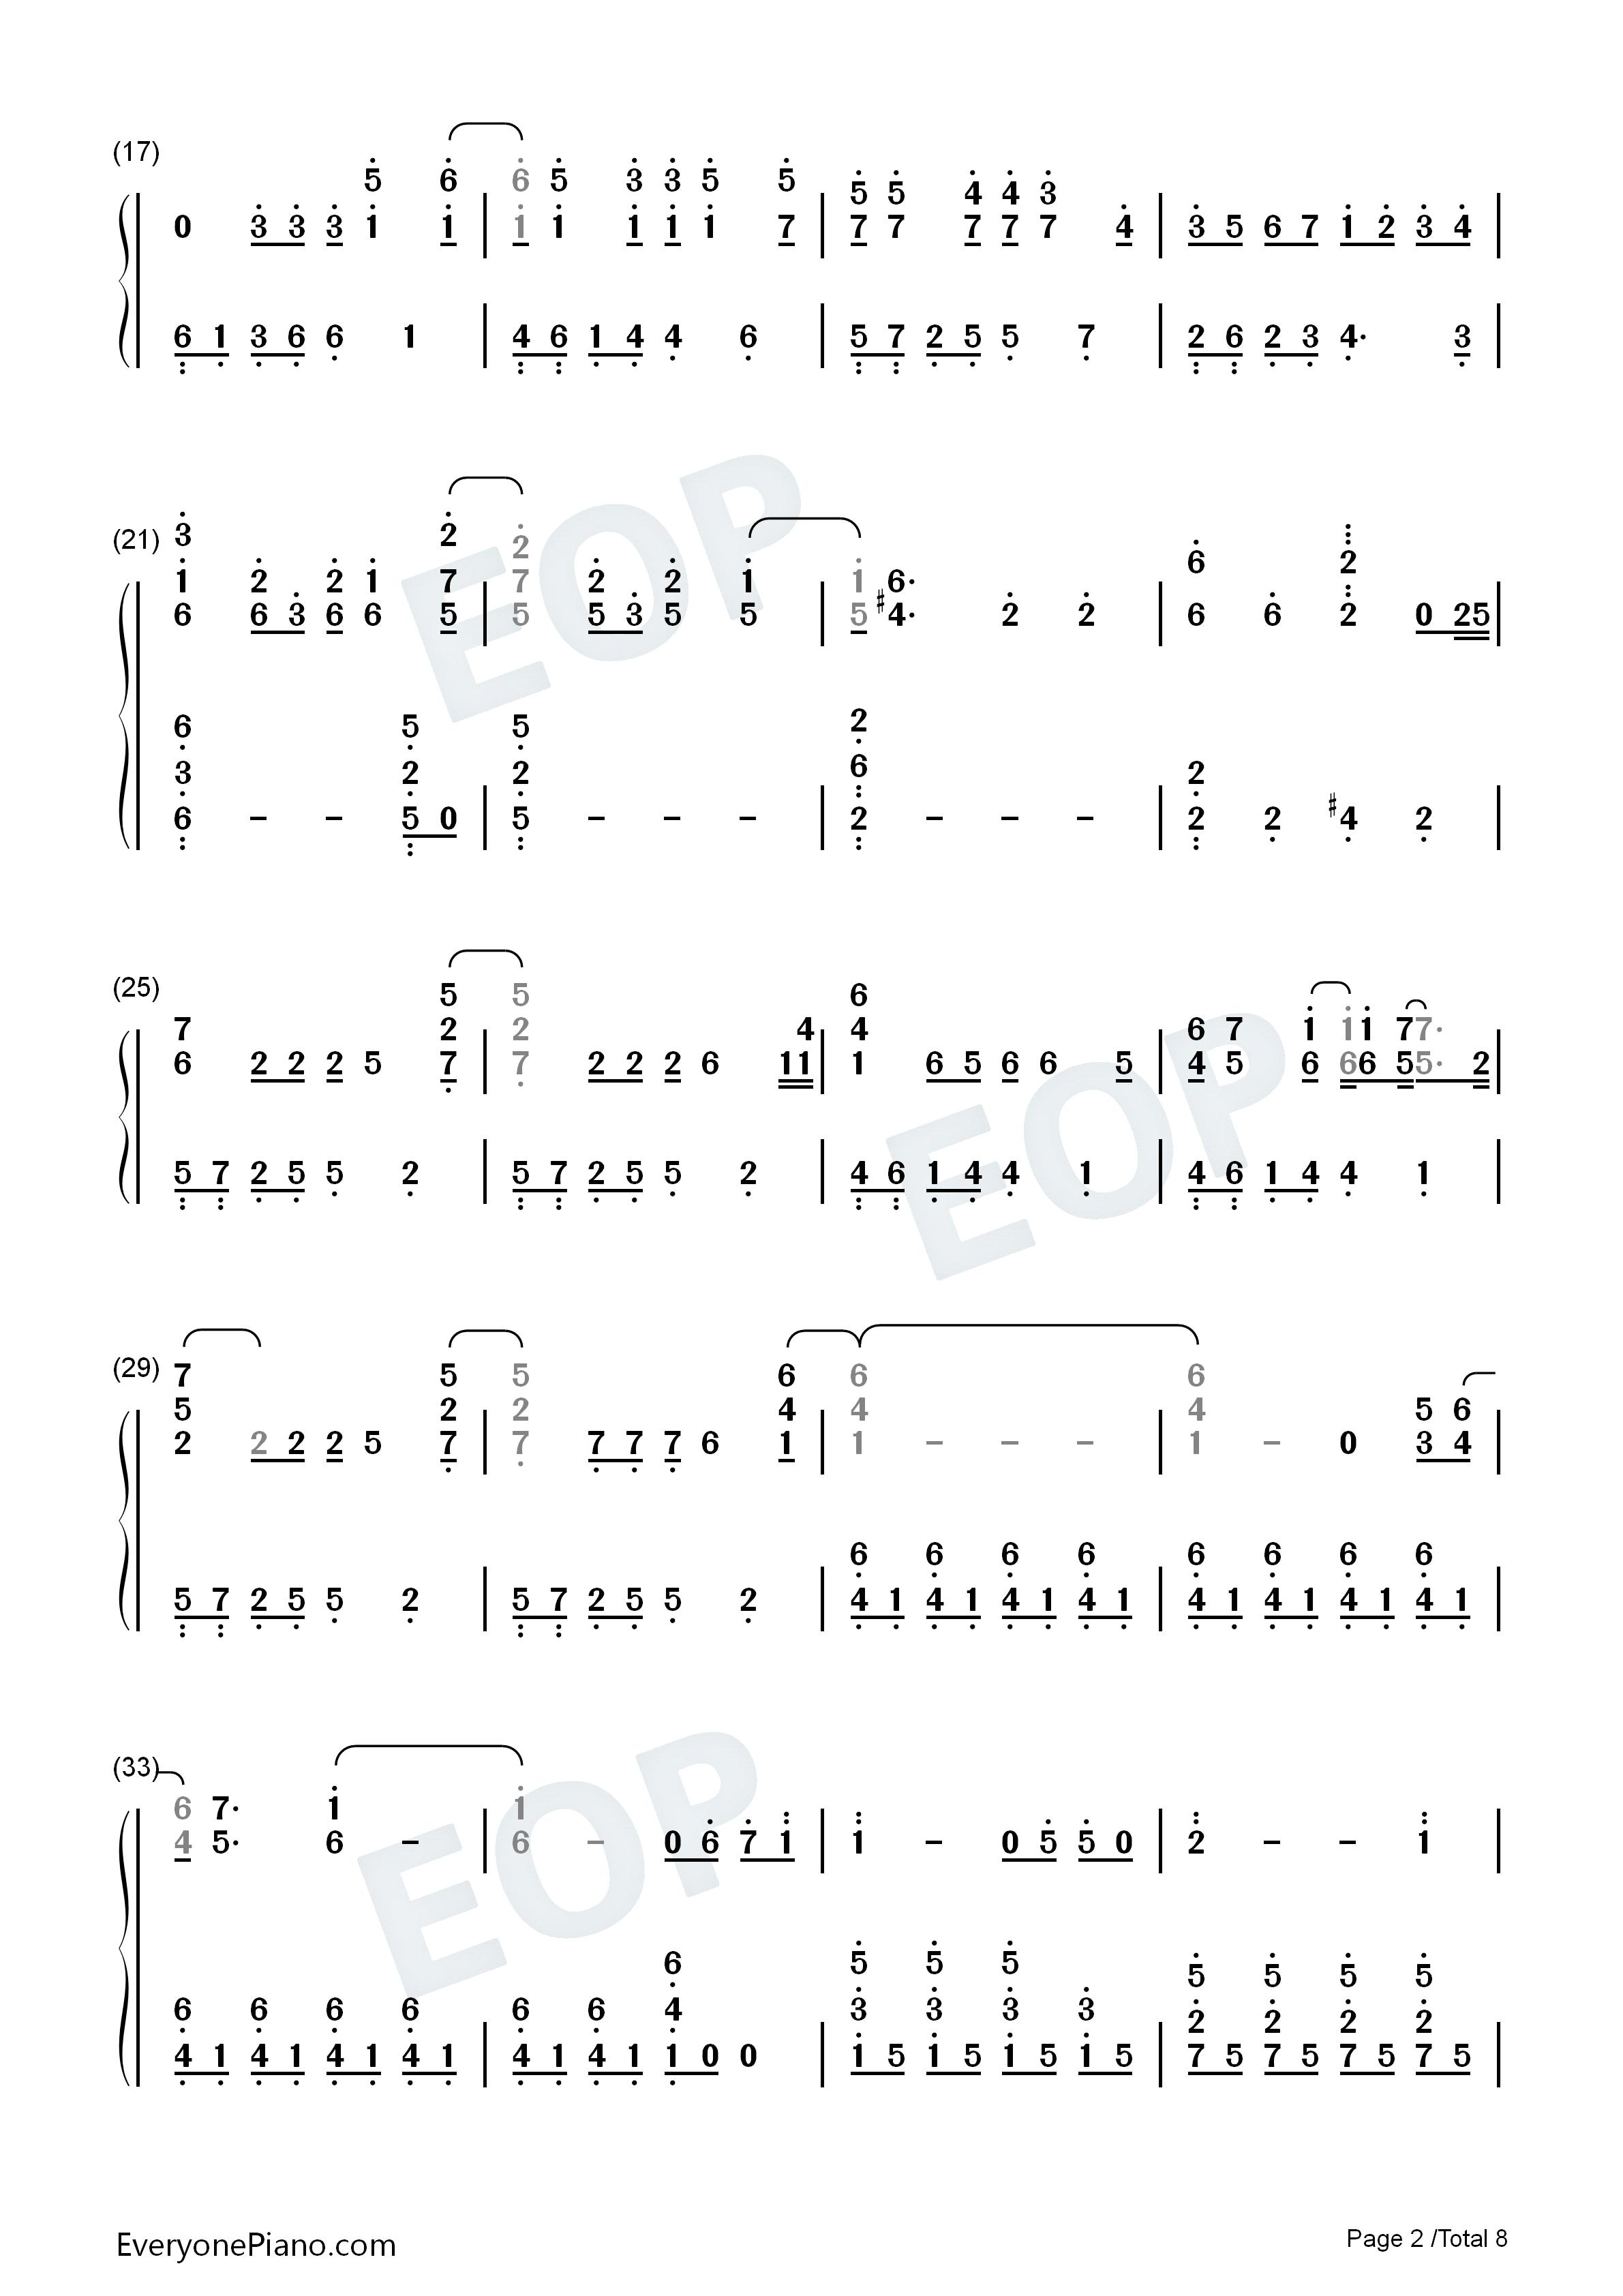 更接近原版 冰雪奇缘主题曲双手简谱预览 EOP在线乐谱架